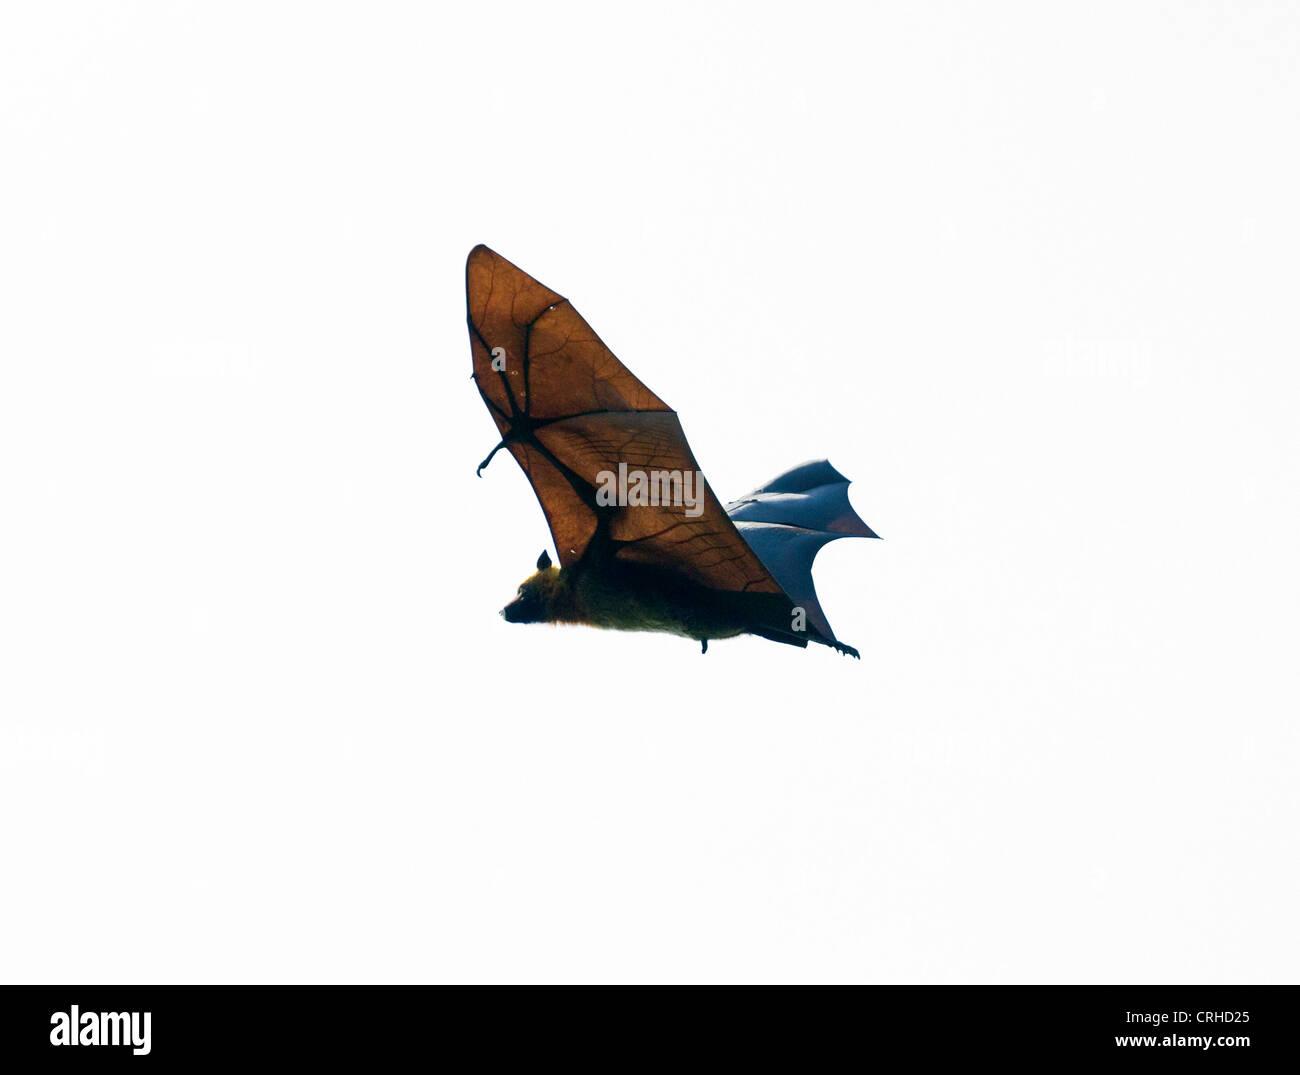 Madagascan flying fox, Madagascar flying fox, o frutta Madagascar bat (Pteropus rufus), una specie di megabat Foto Stock